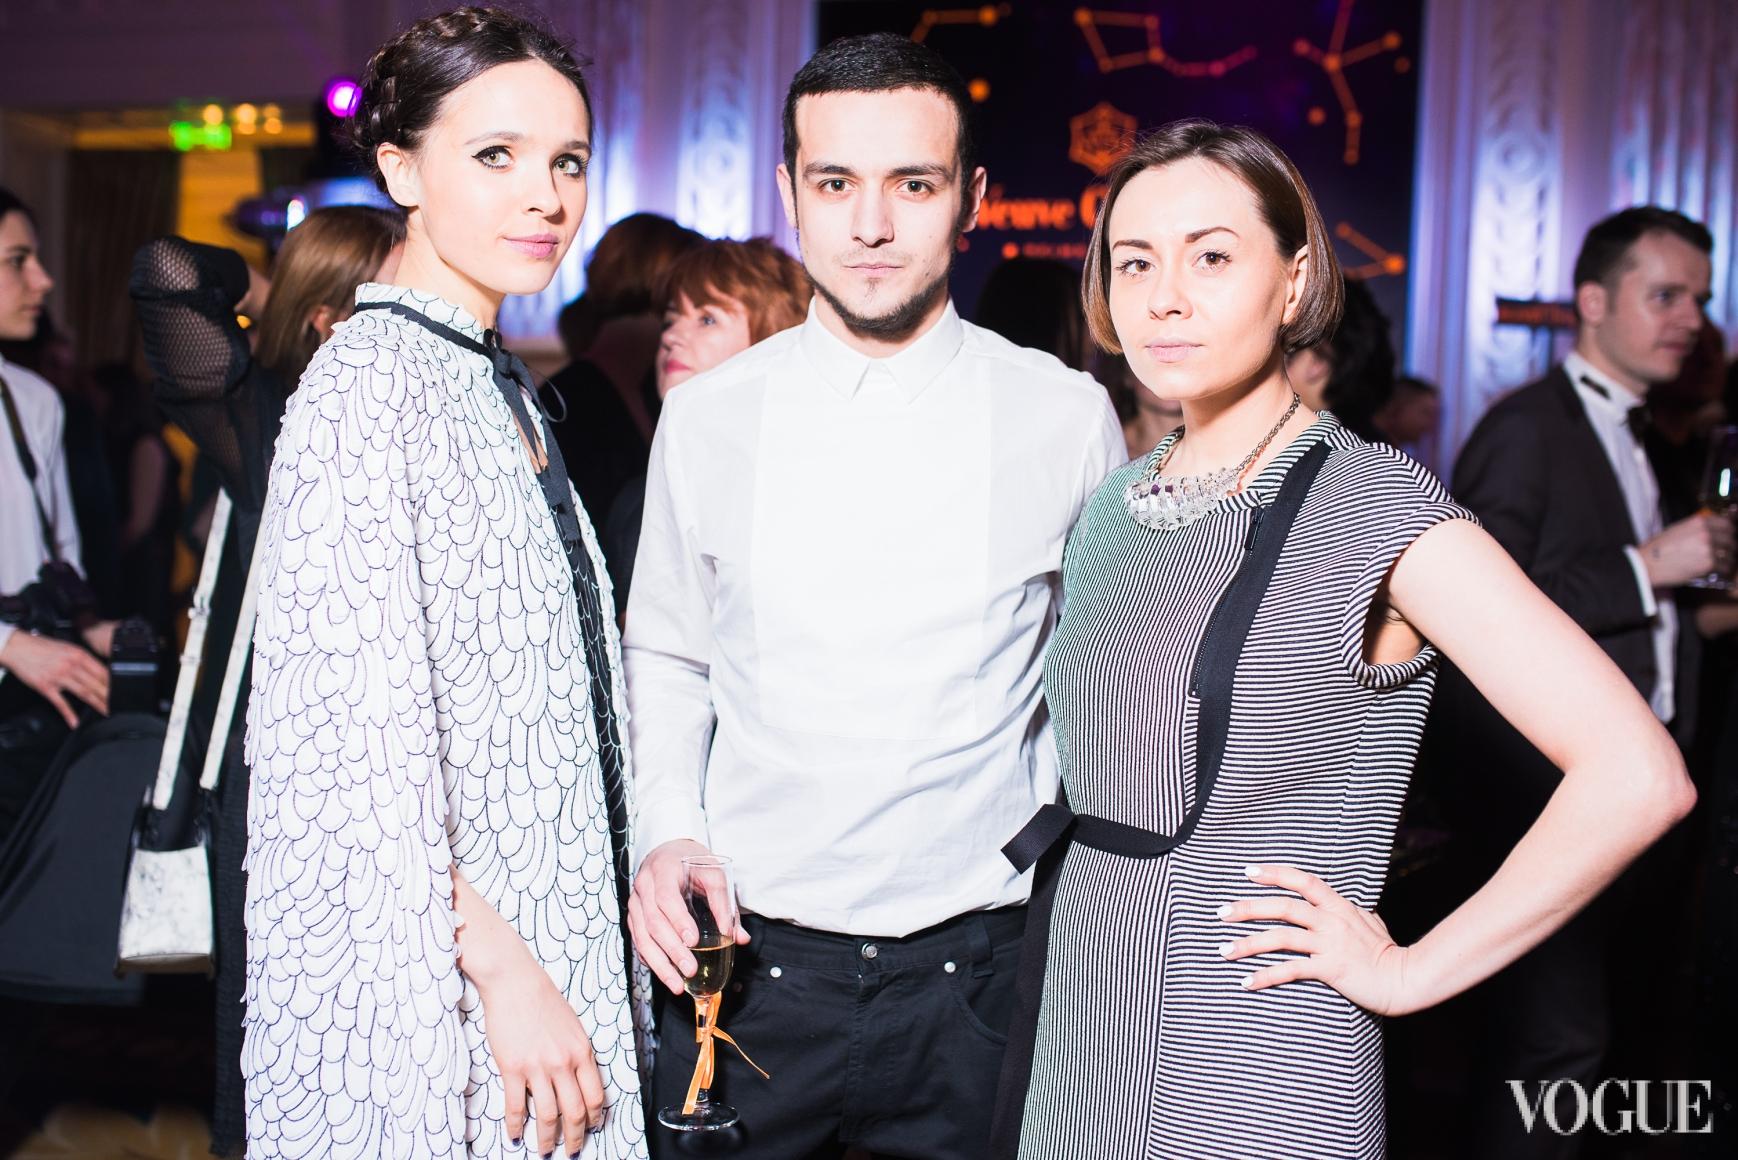 Яна Червинская, Али Саулиди и Елена Пржонская